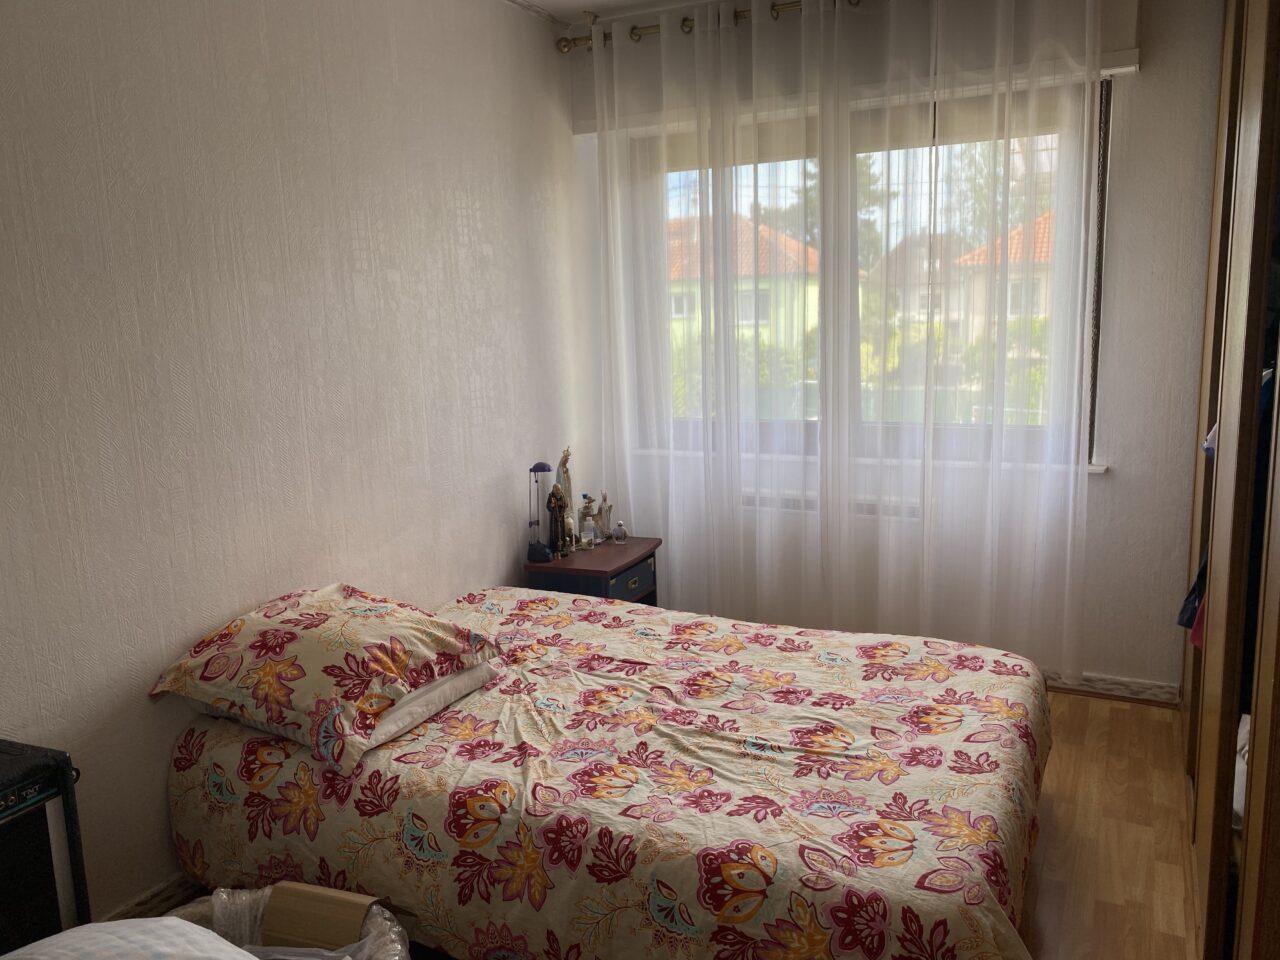 maison vente haguenau chambre Fenninger immobilier